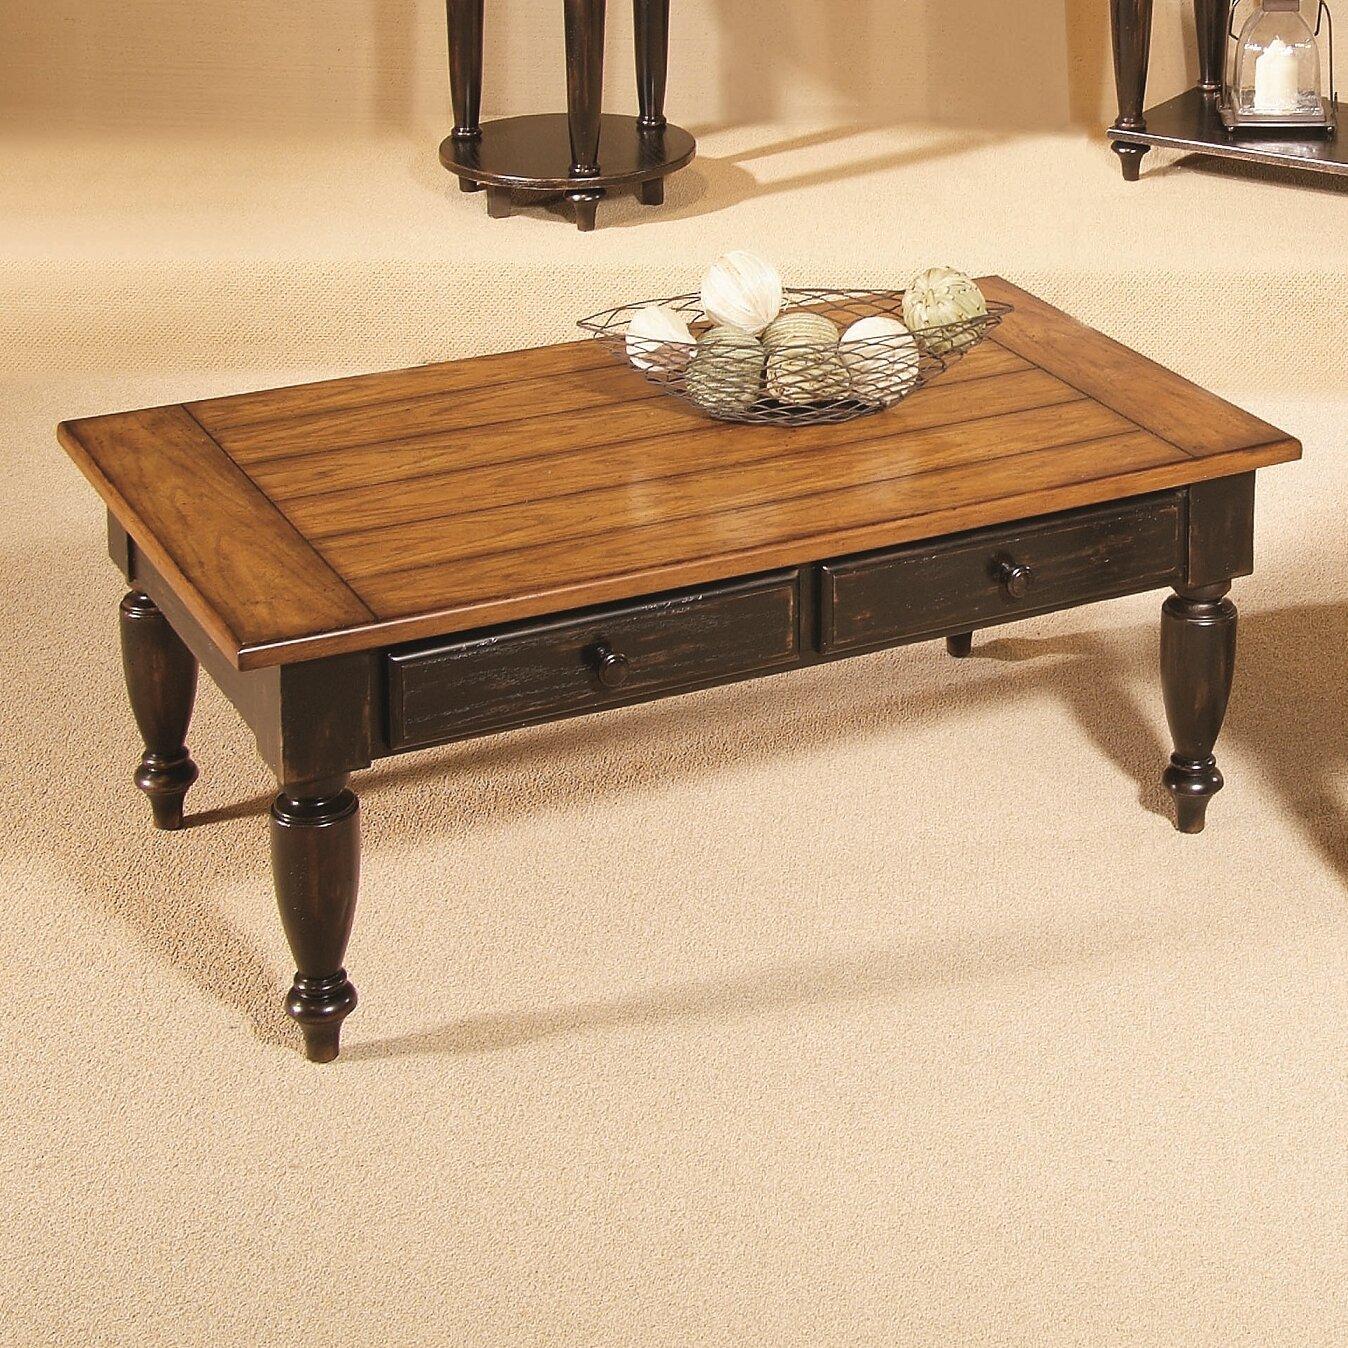 Wayfair Table: Loon Peak Coffee Table & Reviews